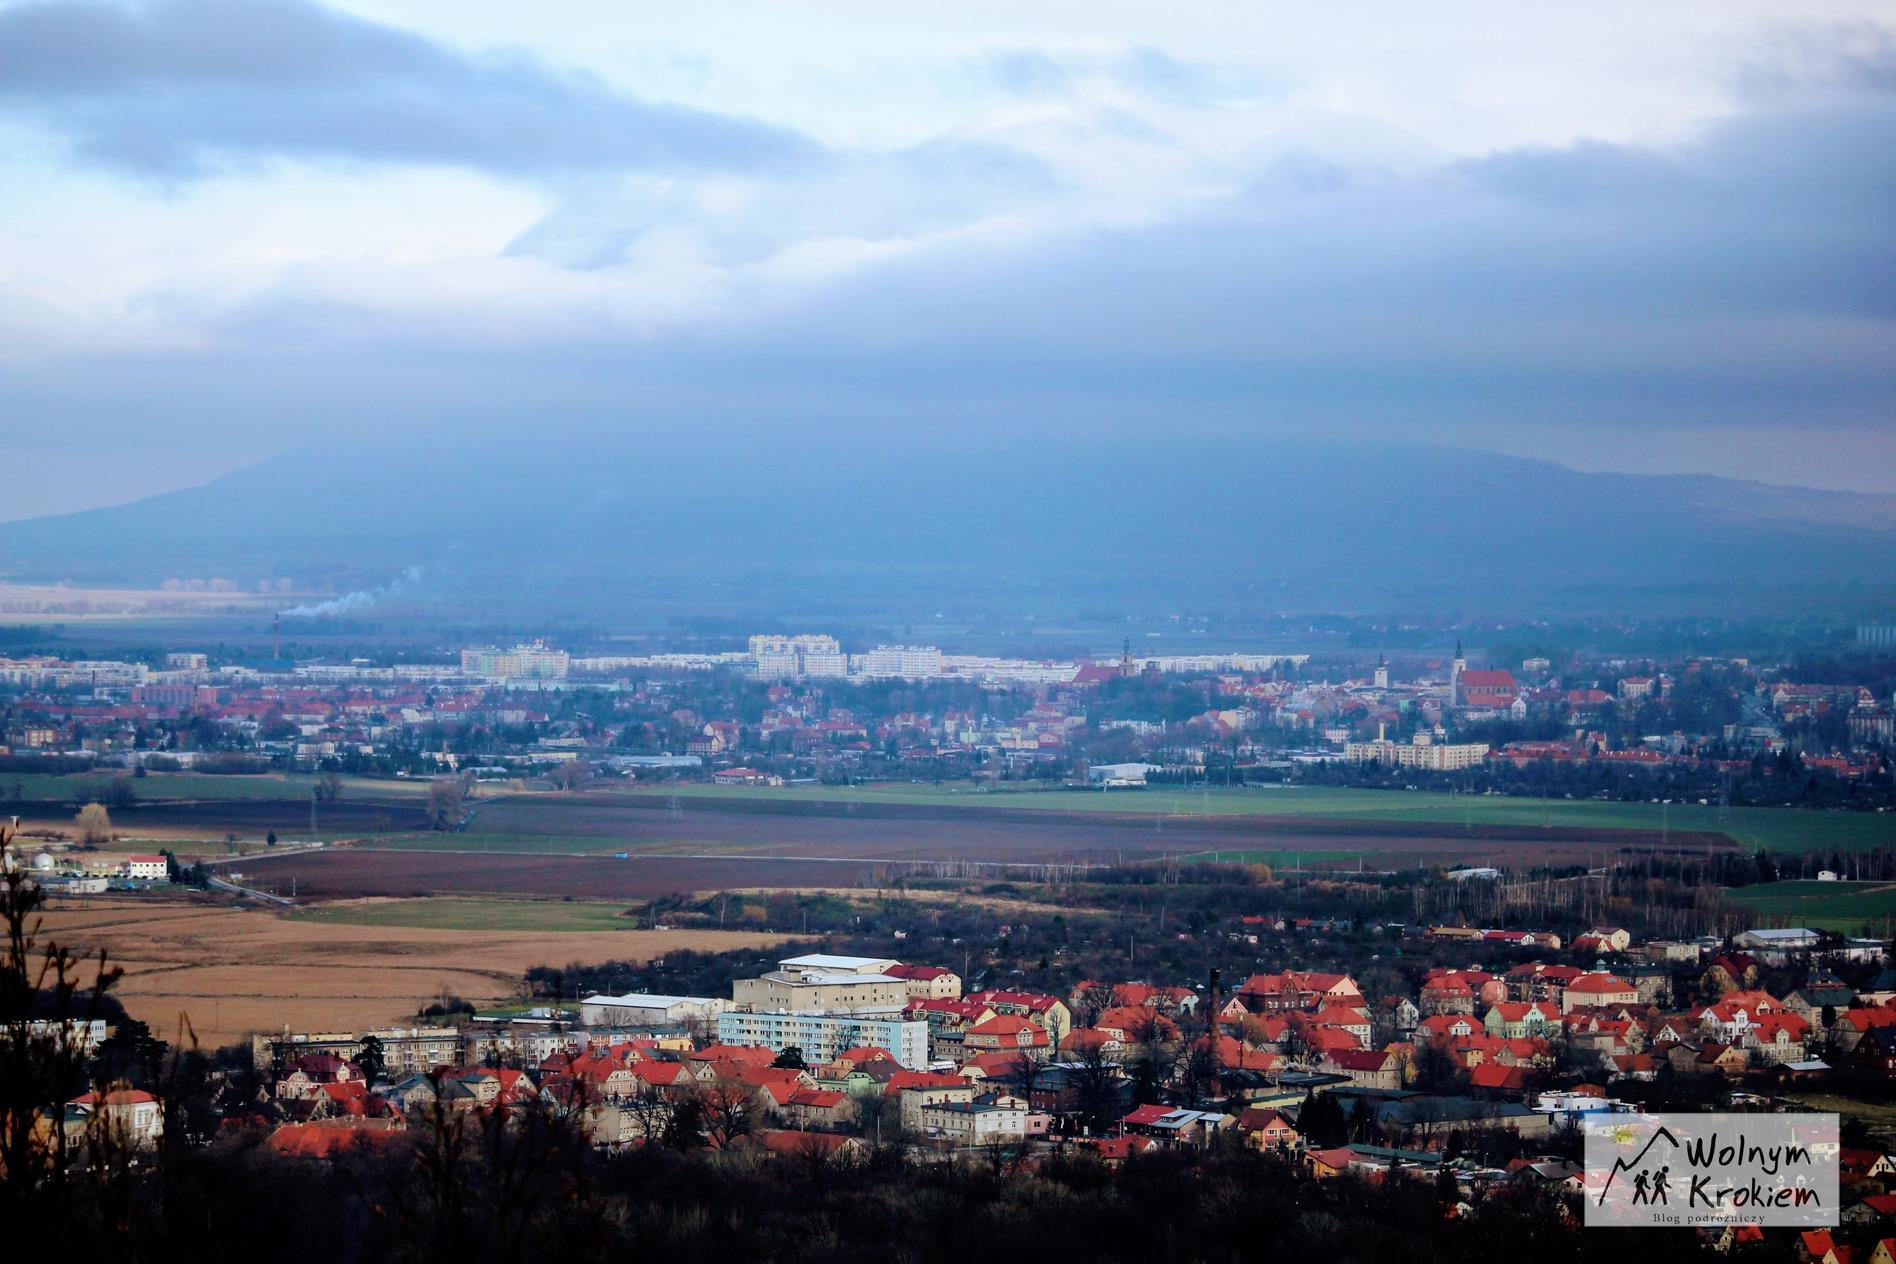 Widok z wieży widokowej na szczycie Góry Parkowej w Bielawie na Dolnym Śląsku